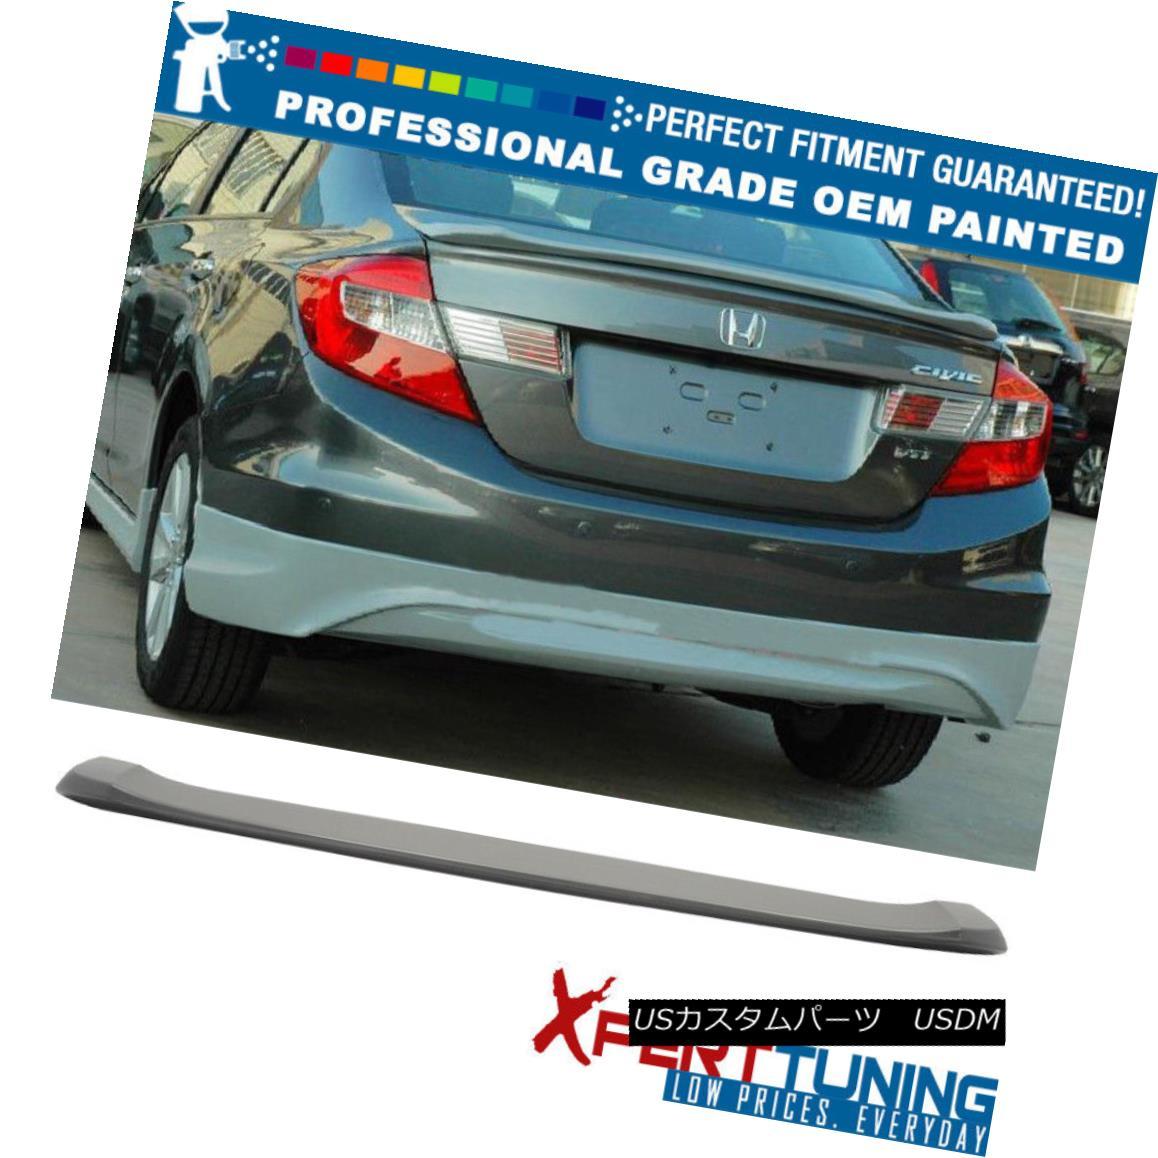 エアロパーツ 12 Civic USDM 9 Gen 4Dr OE Style Painted ABS Trunk Spoiler - OEM Painted Color 12市民USDM 9 Gen 4Dr OEスタイル塗装ABSトランク・スポイラー - OEM塗装色